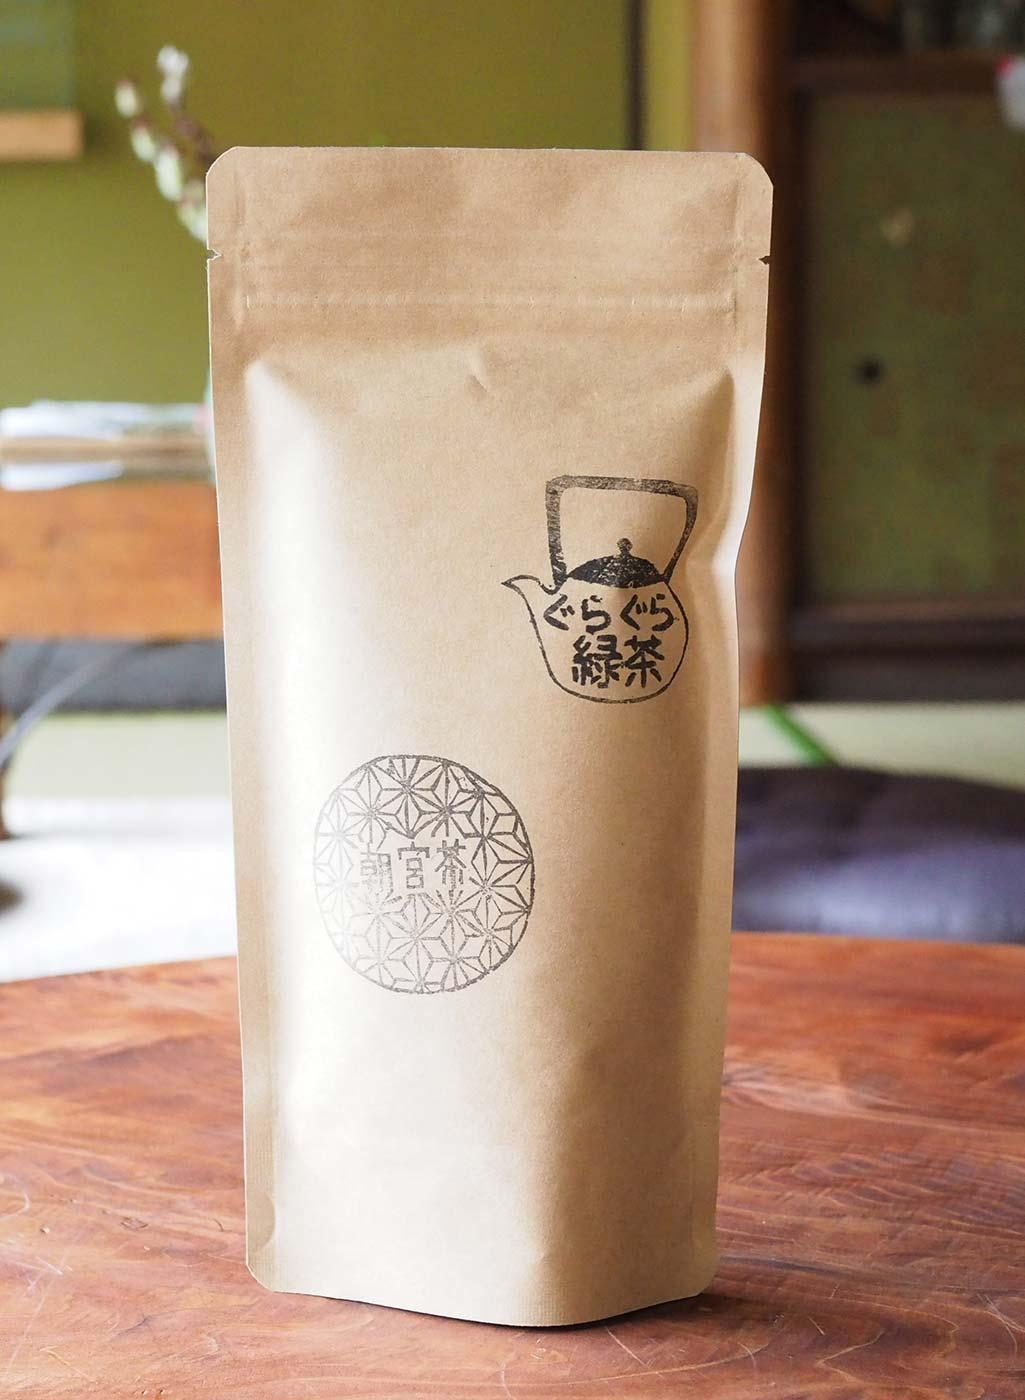 無農薬の信楽産の朝宮茶のオンラインショップ